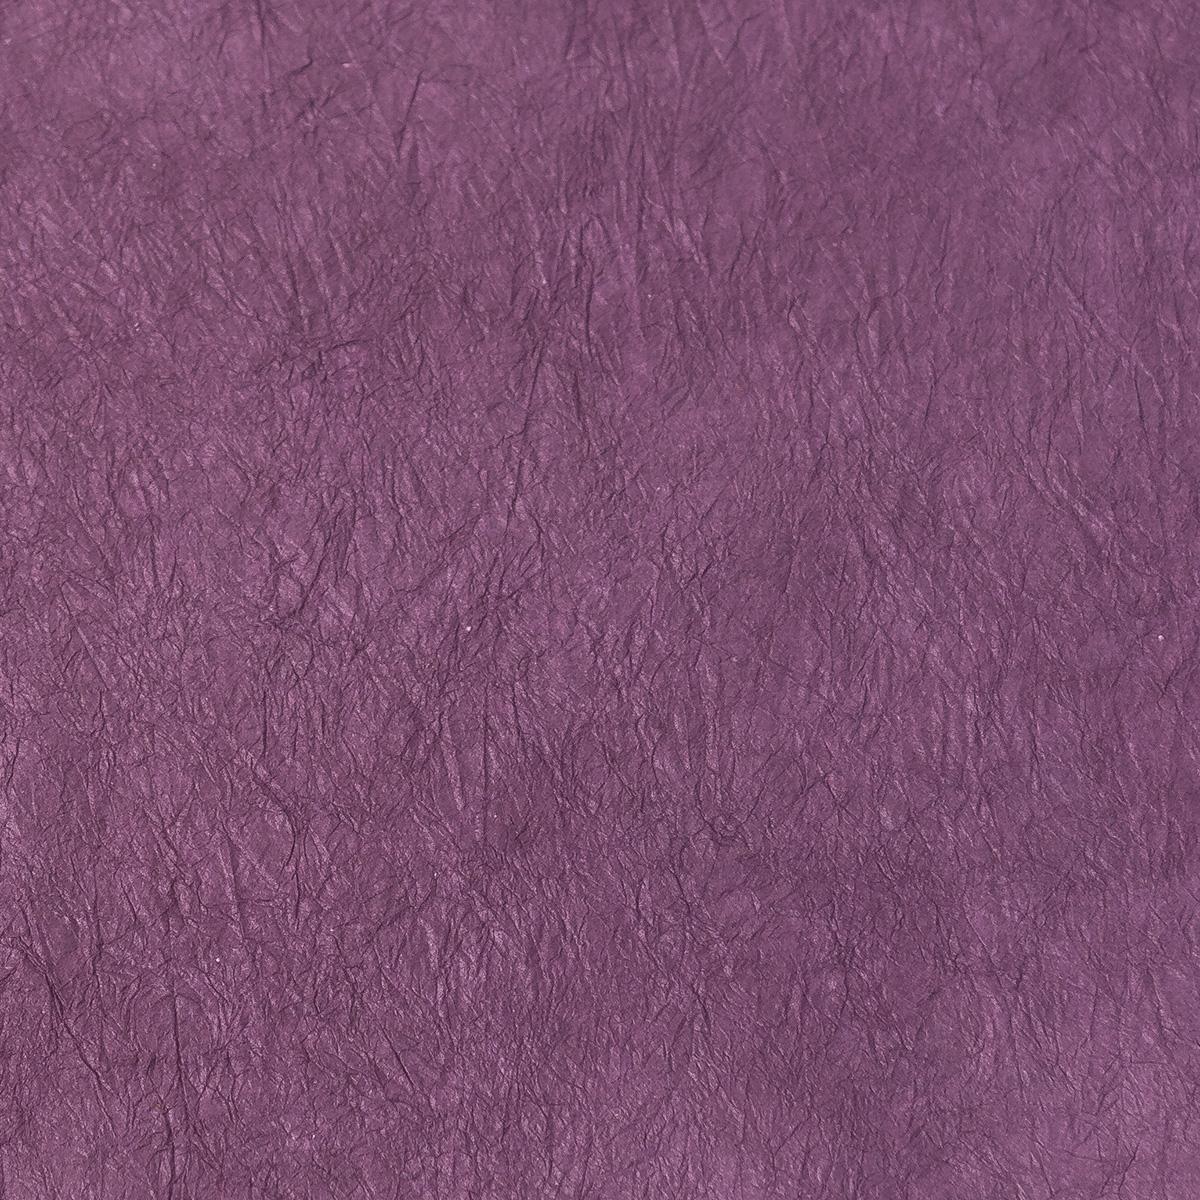 王朝のそめいろ 薄口 6番 深滅紫